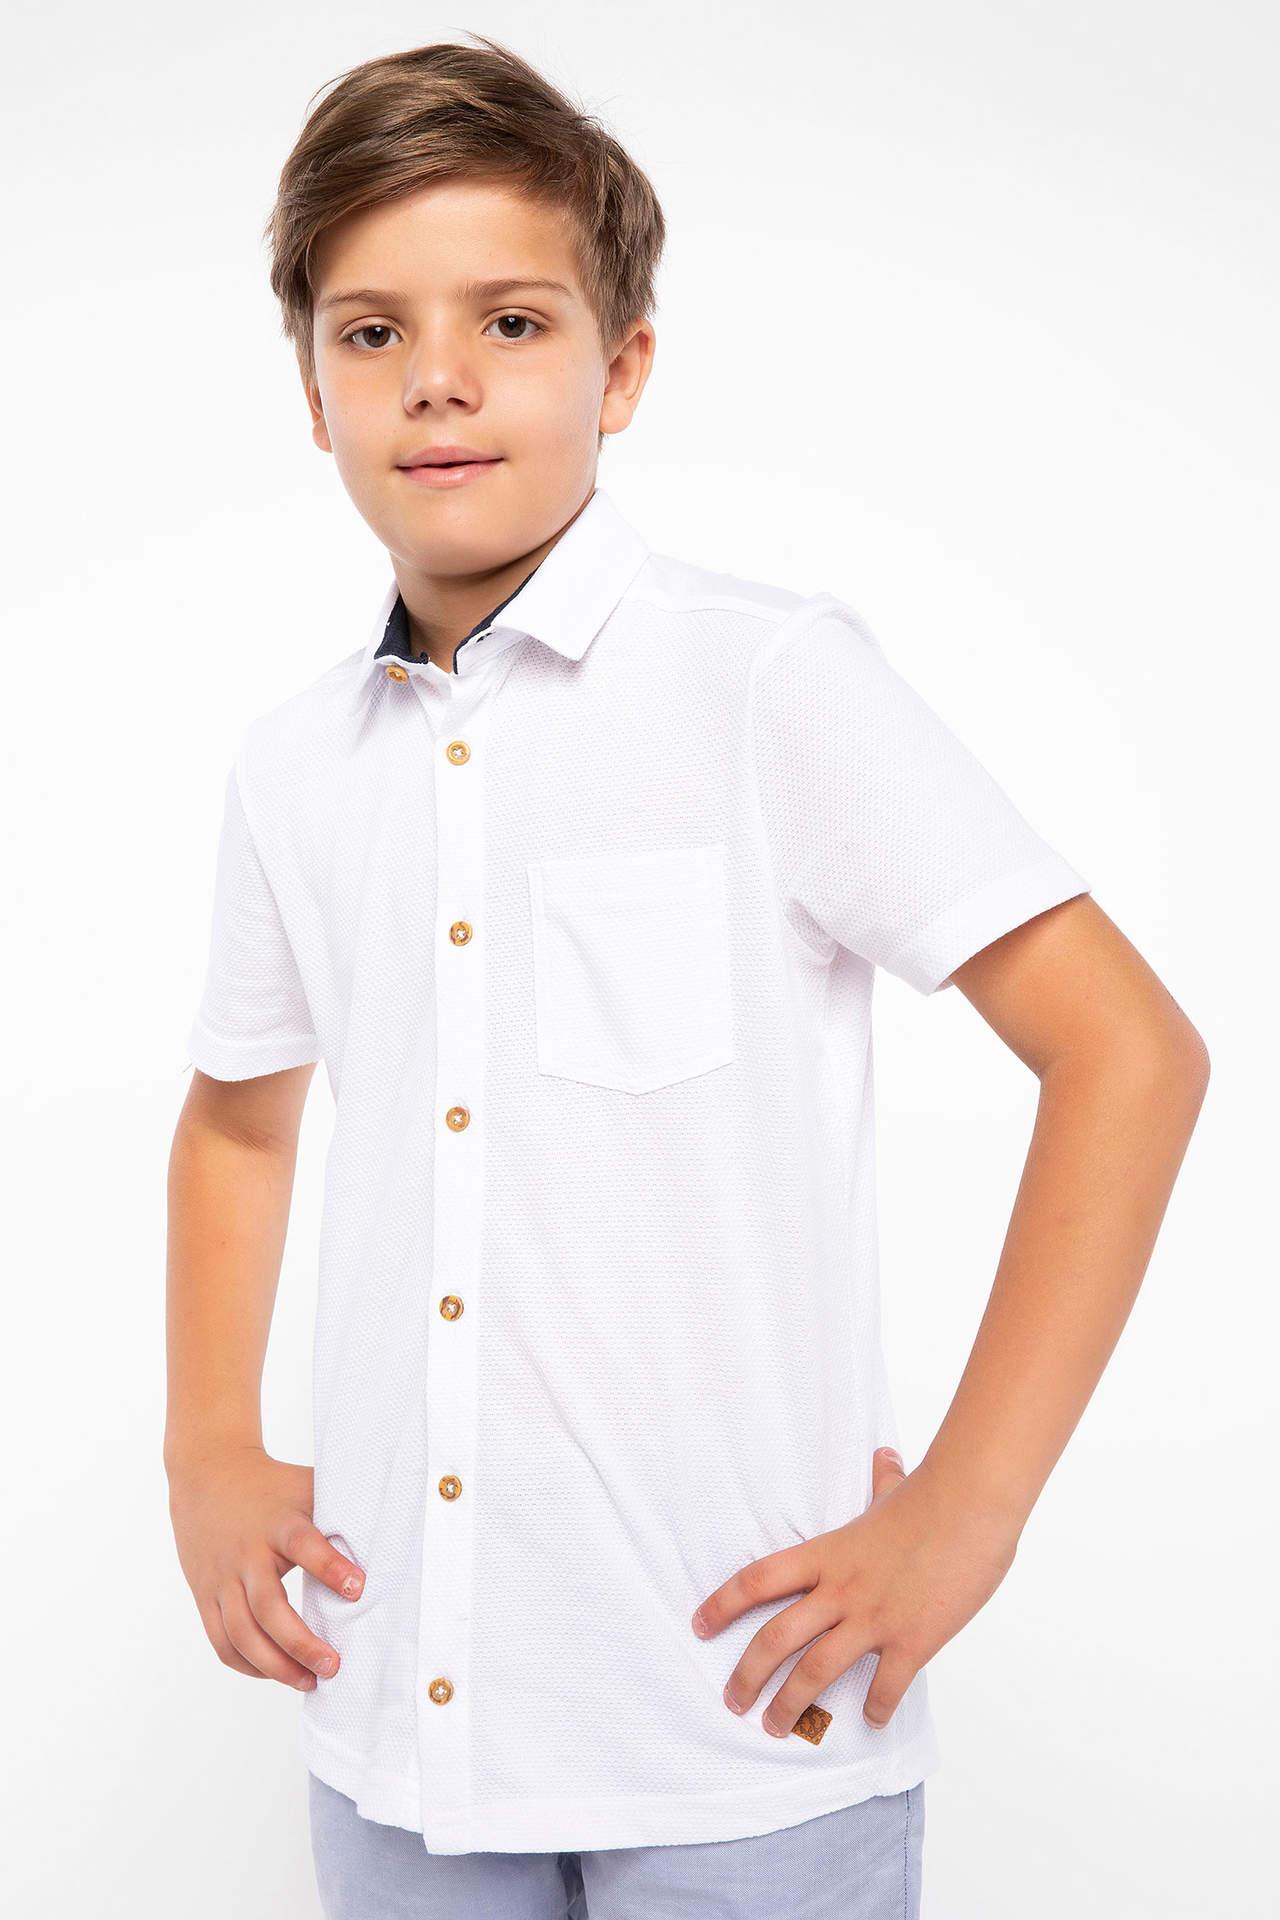 DeFacto Erkek Çocuk Polo Yaka Tek Cep Gömlek Beyaz male